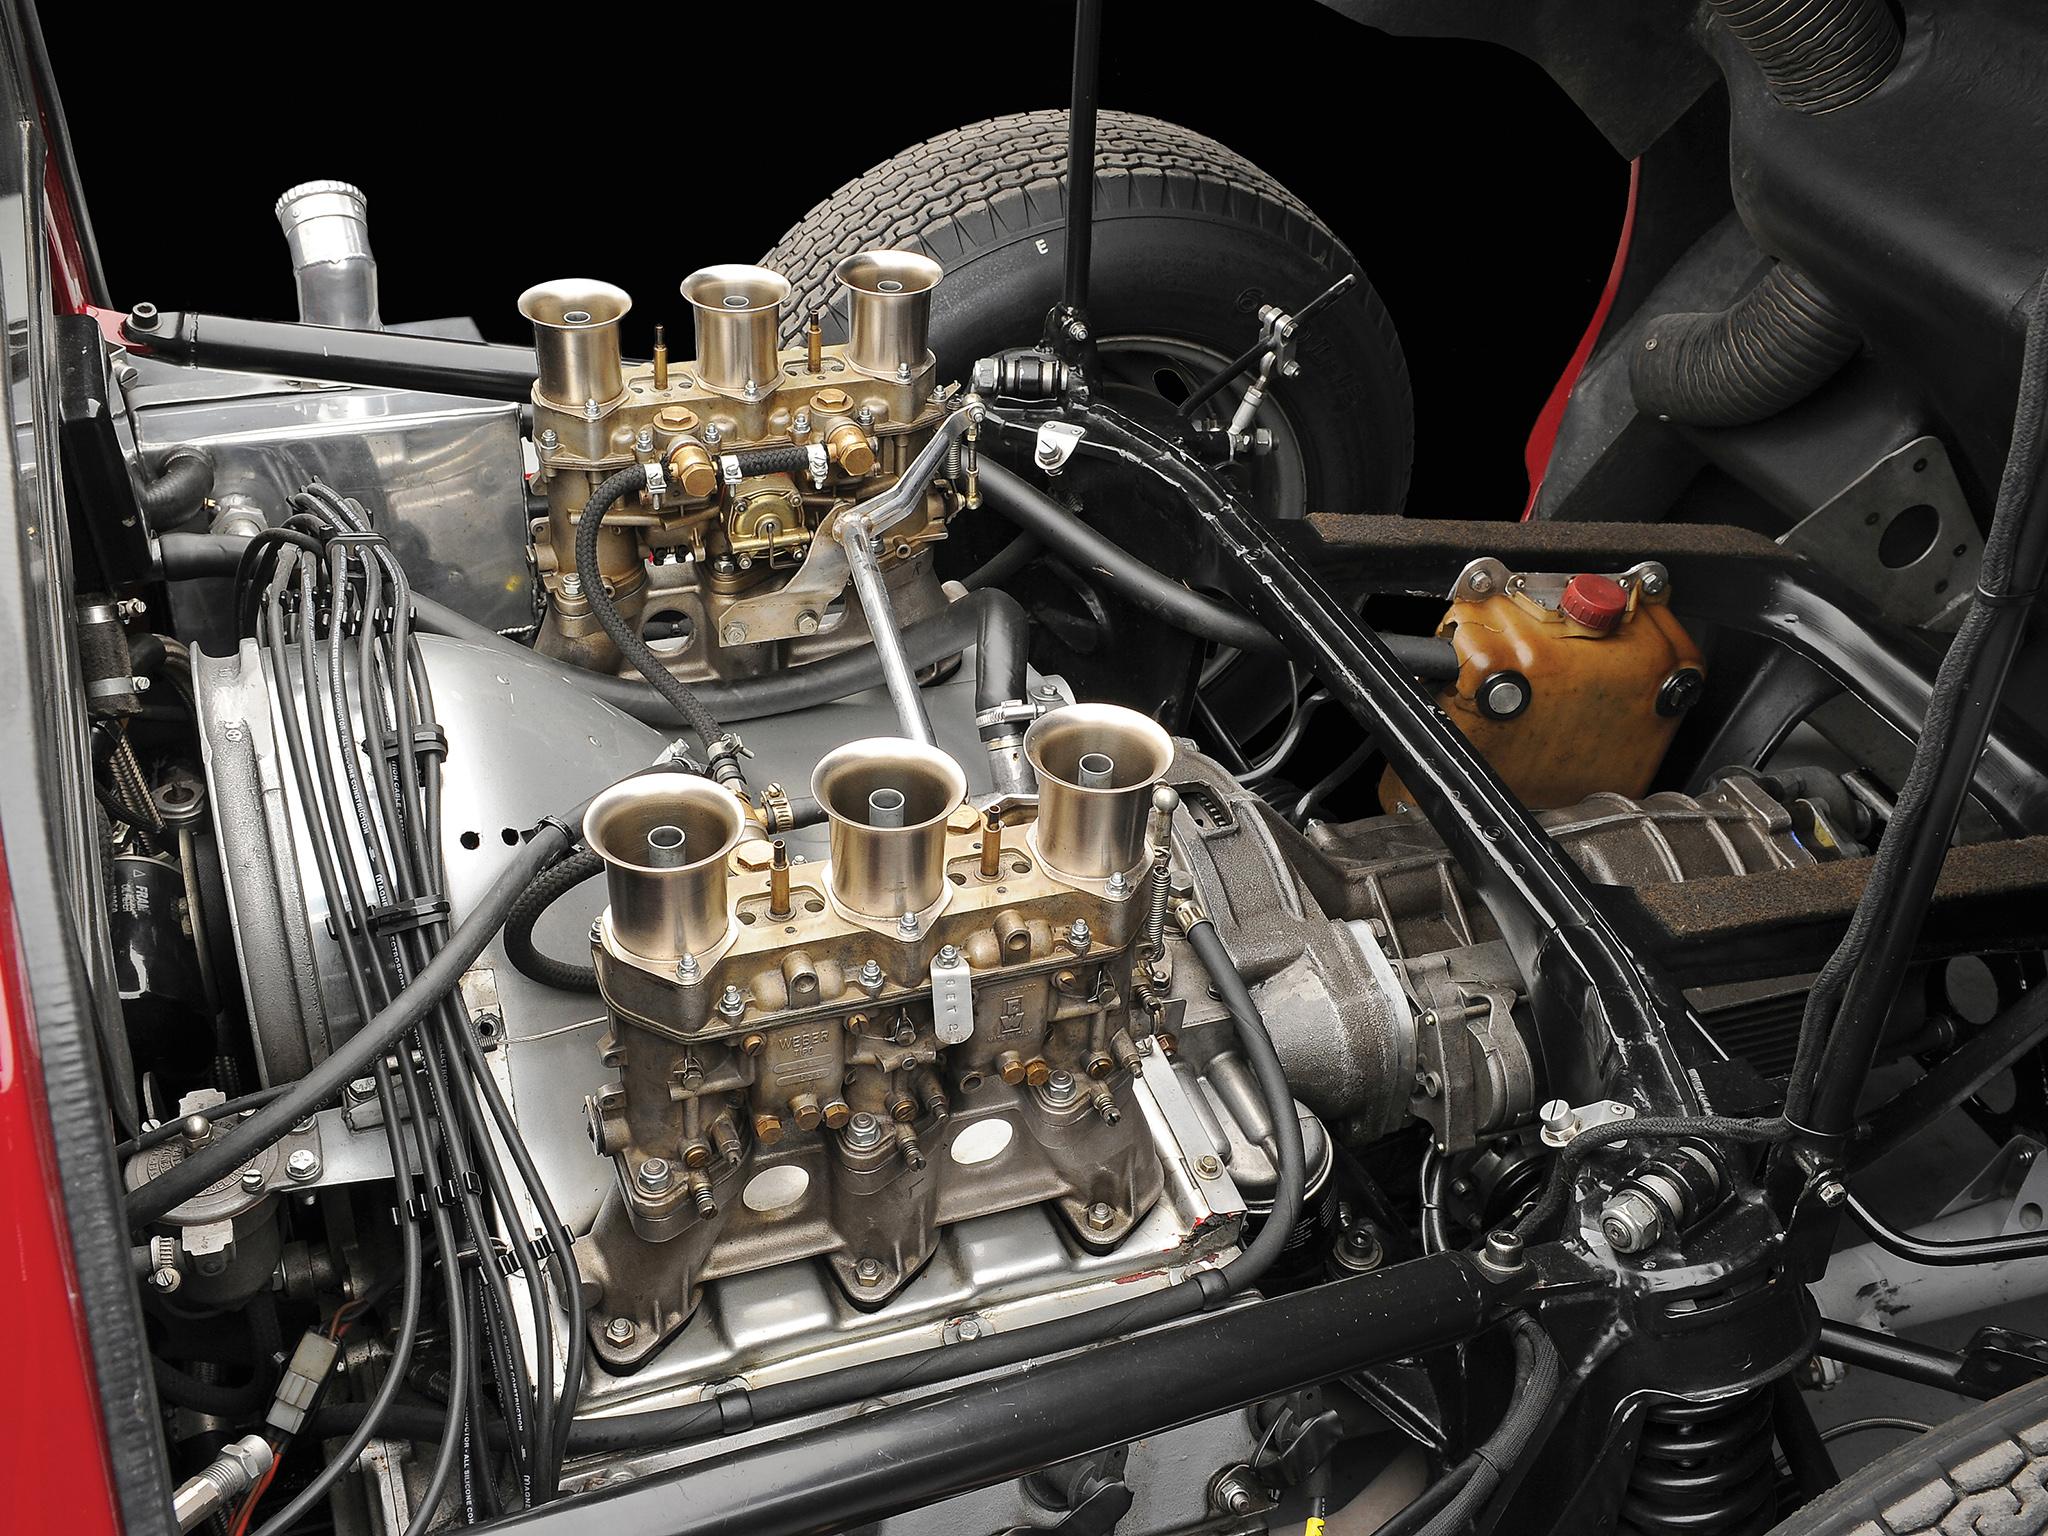 Porsche 904 6 engine bay engineporn - Porsche engine wallpaper ...